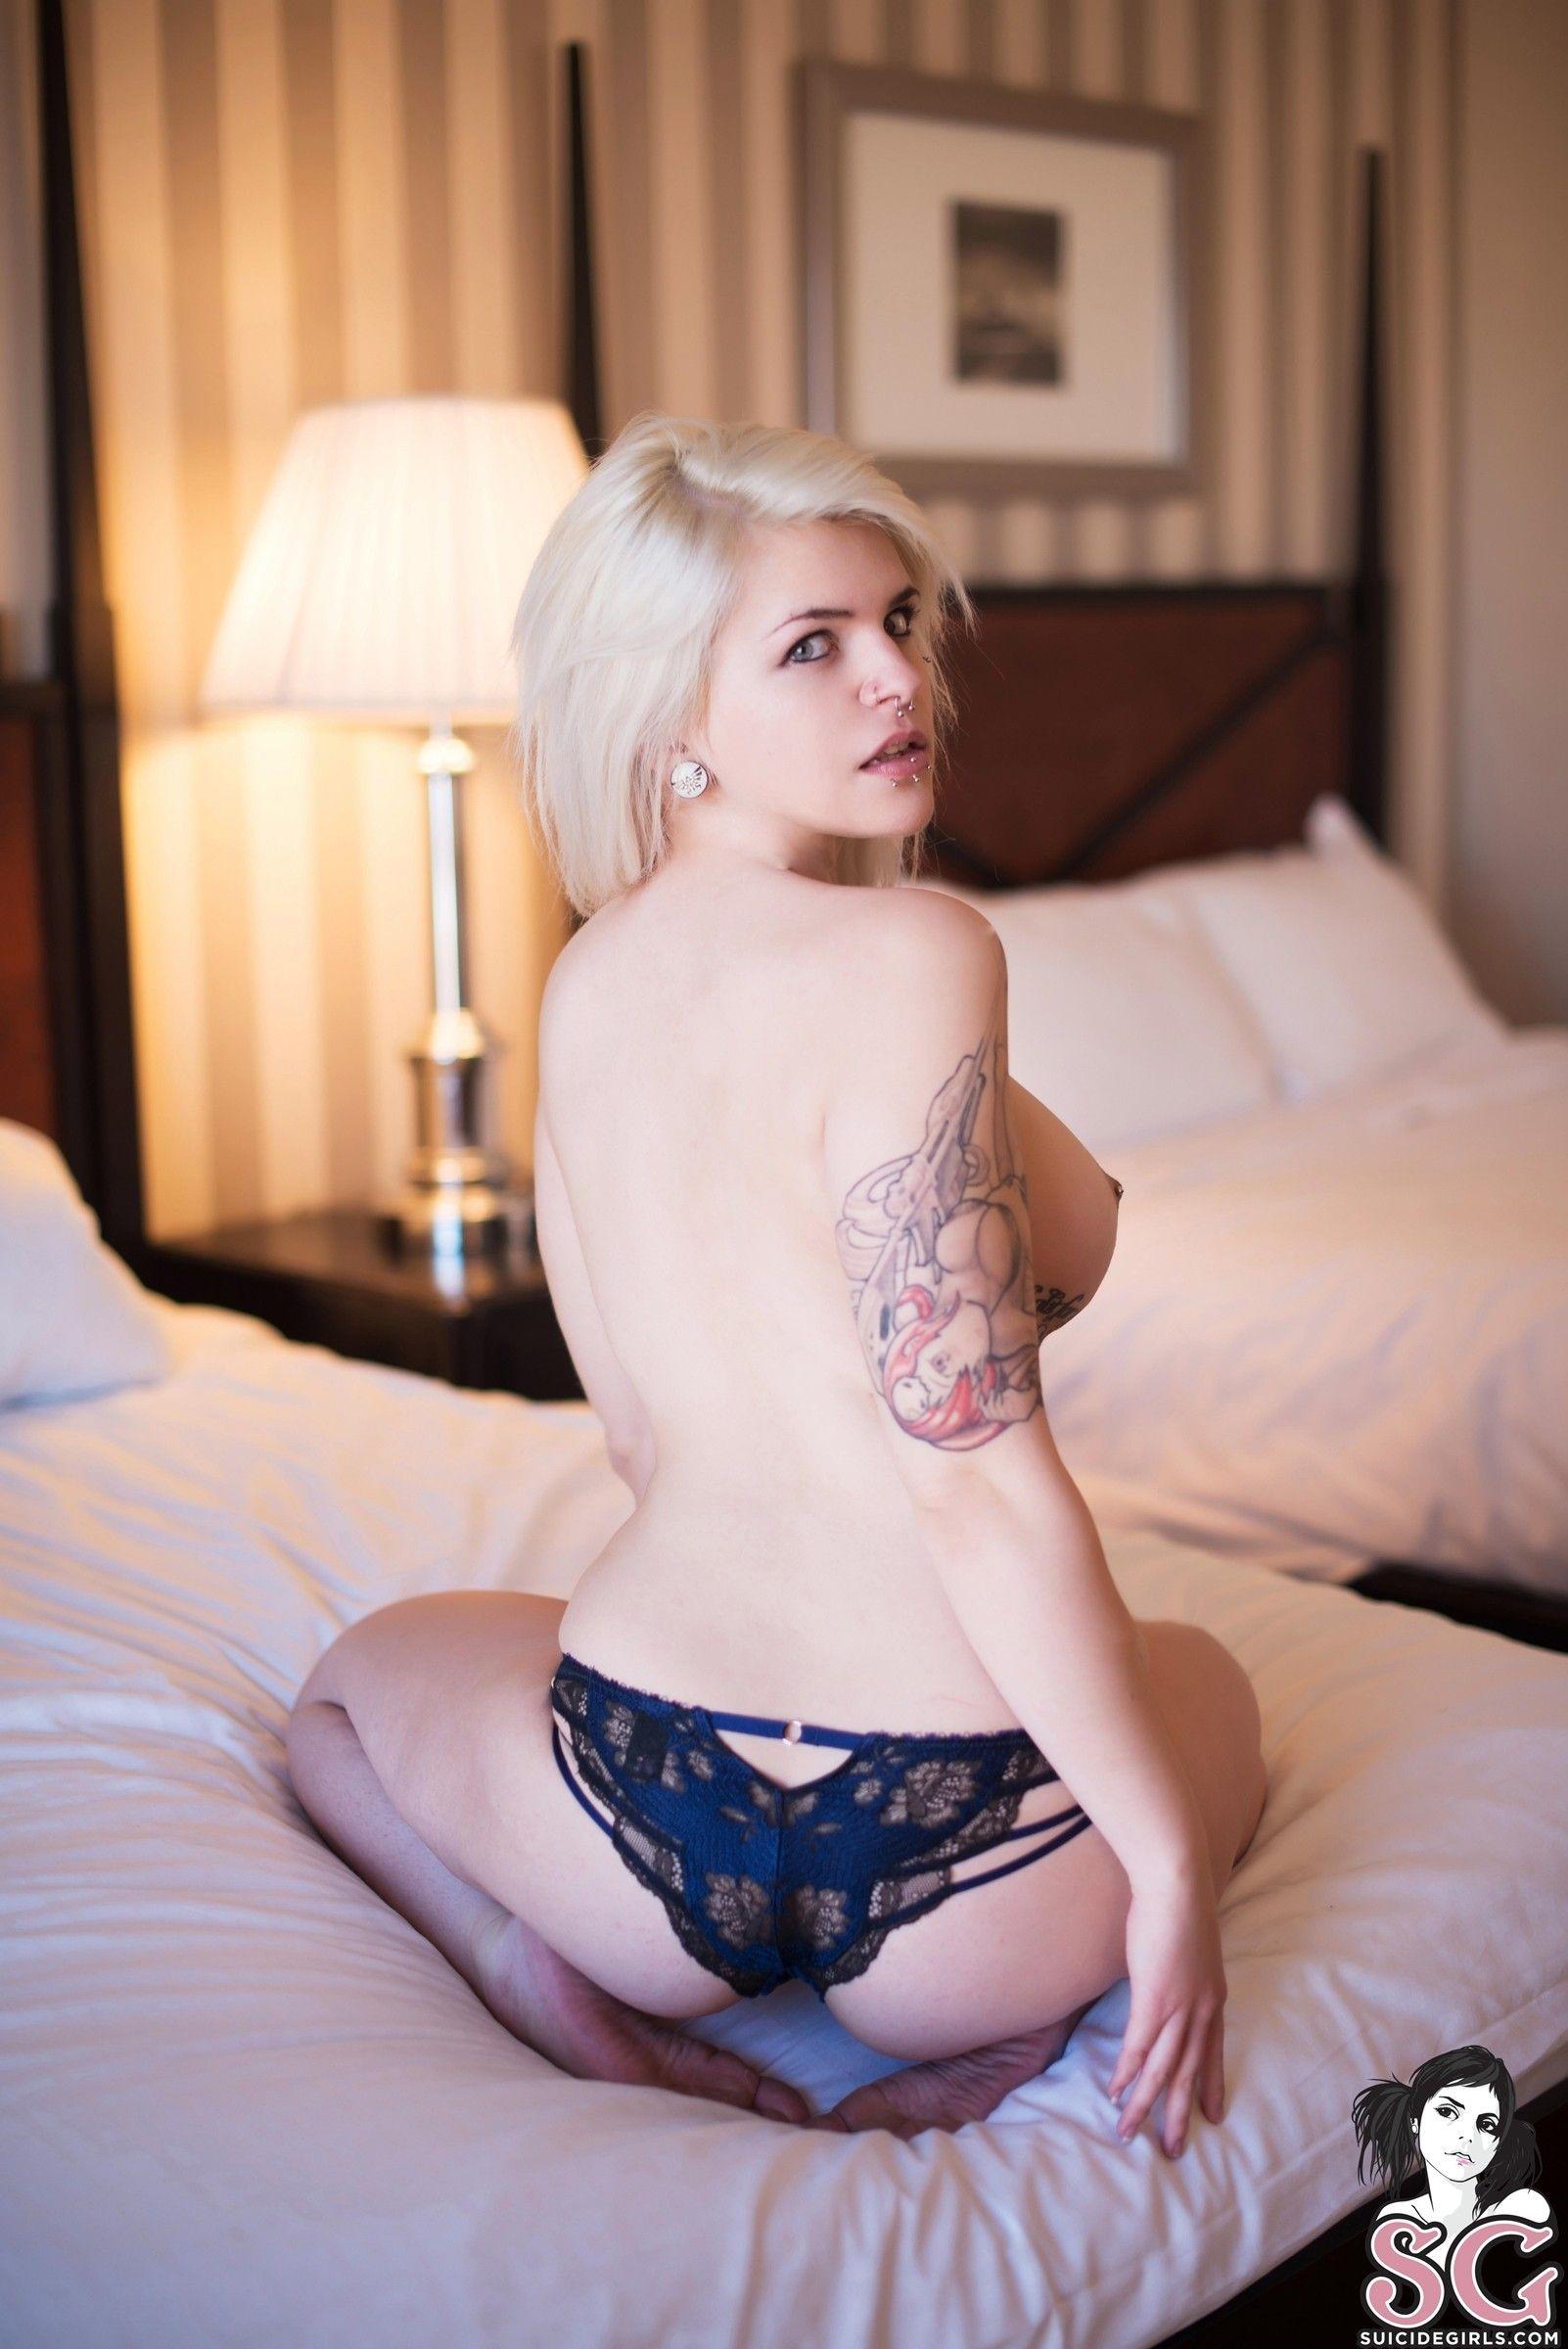 loira tatuada curte um punk rock pelada 49bb103cb87ff20f30c3283c0ca8c095 - Loira tatuada curte um punk rock pelada